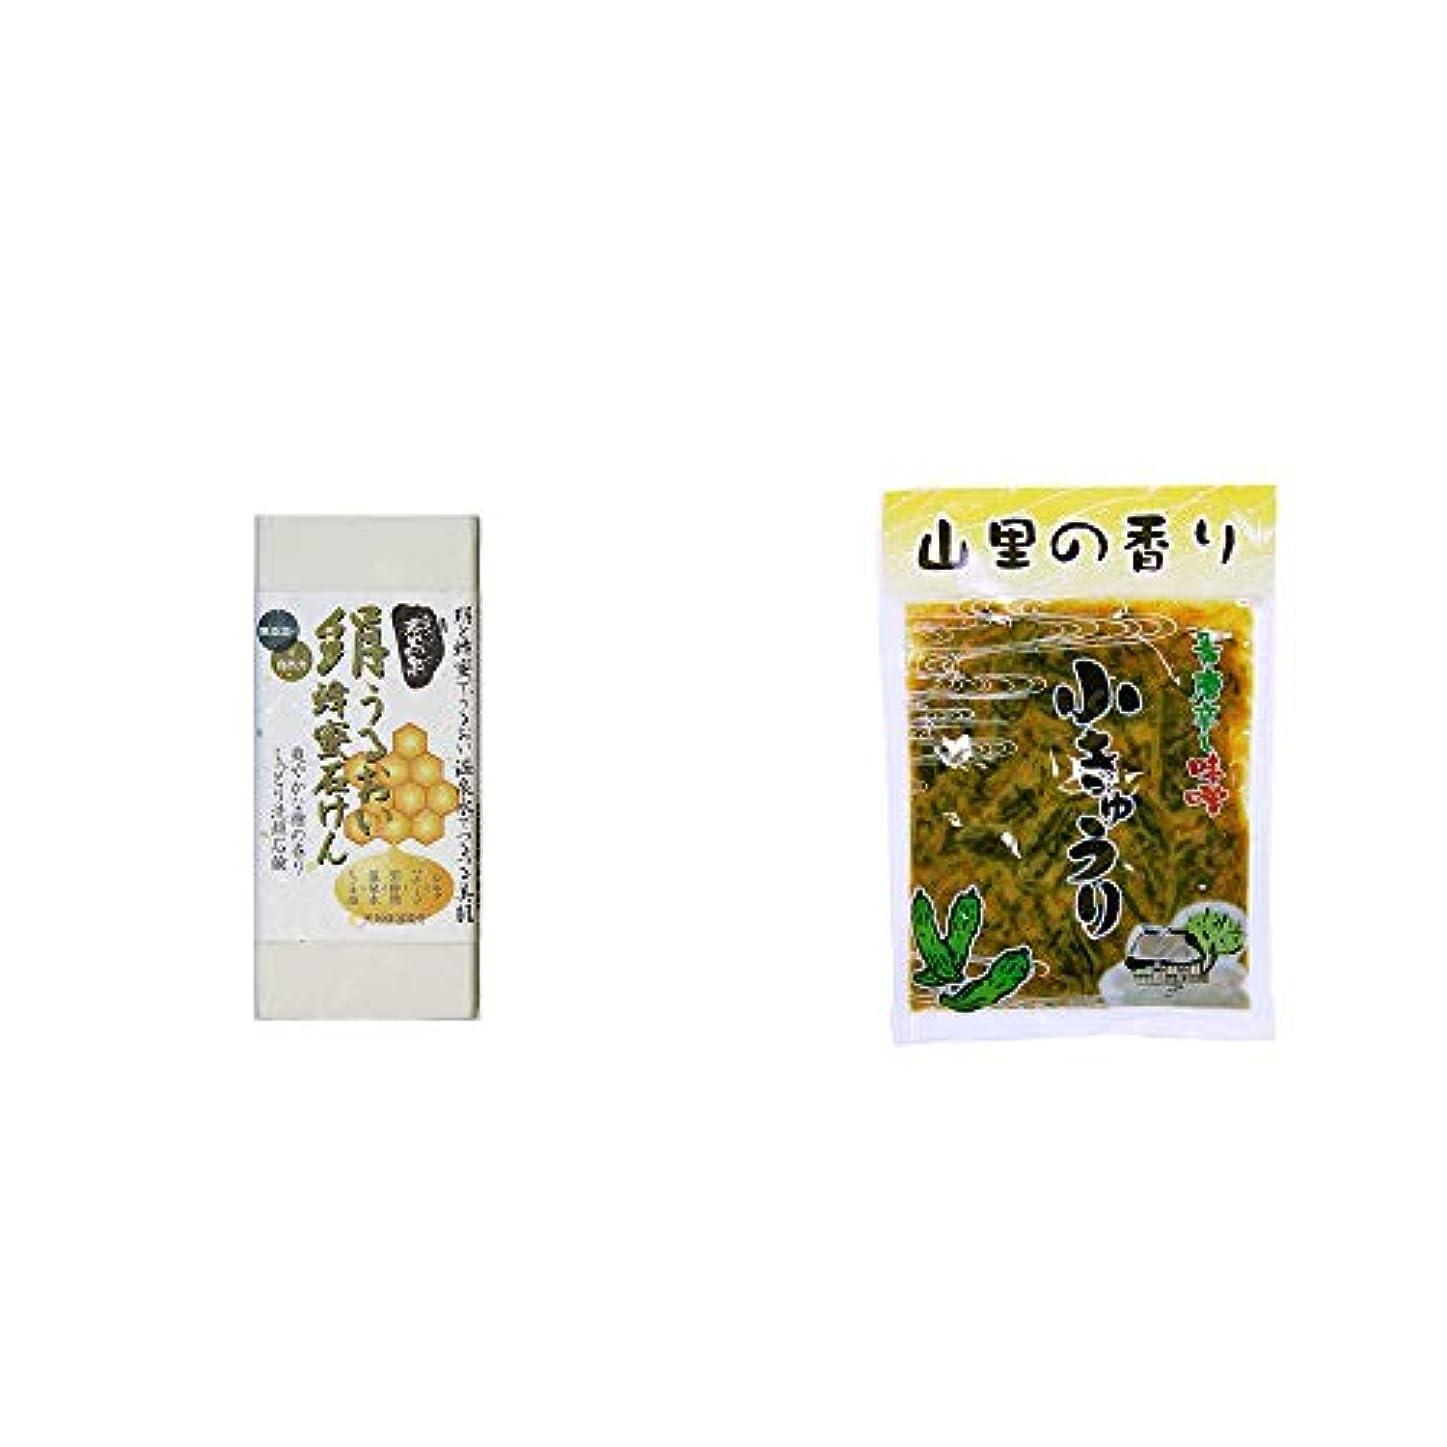 着飾る自然公園考古学[2点セット] ひのき炭黒泉 絹うるおい蜂蜜石けん(75g×2)?山里の香り 青唐辛し味噌 小きゅうり(250g)